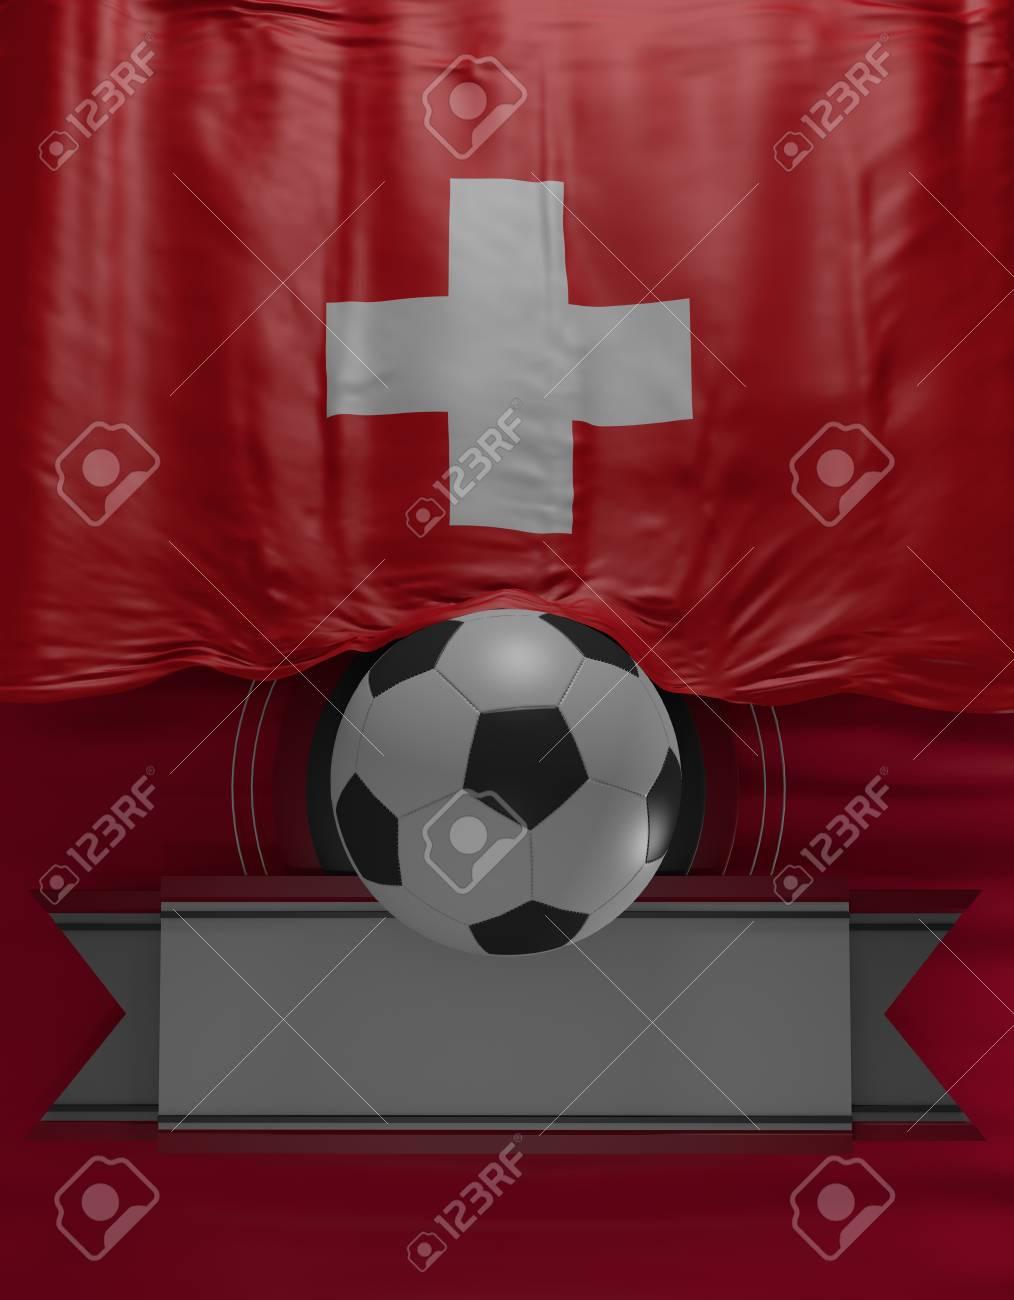 Fußball, Fußball, Flagge Schweizer Farben, Schweiz Flagge (3D Render ...